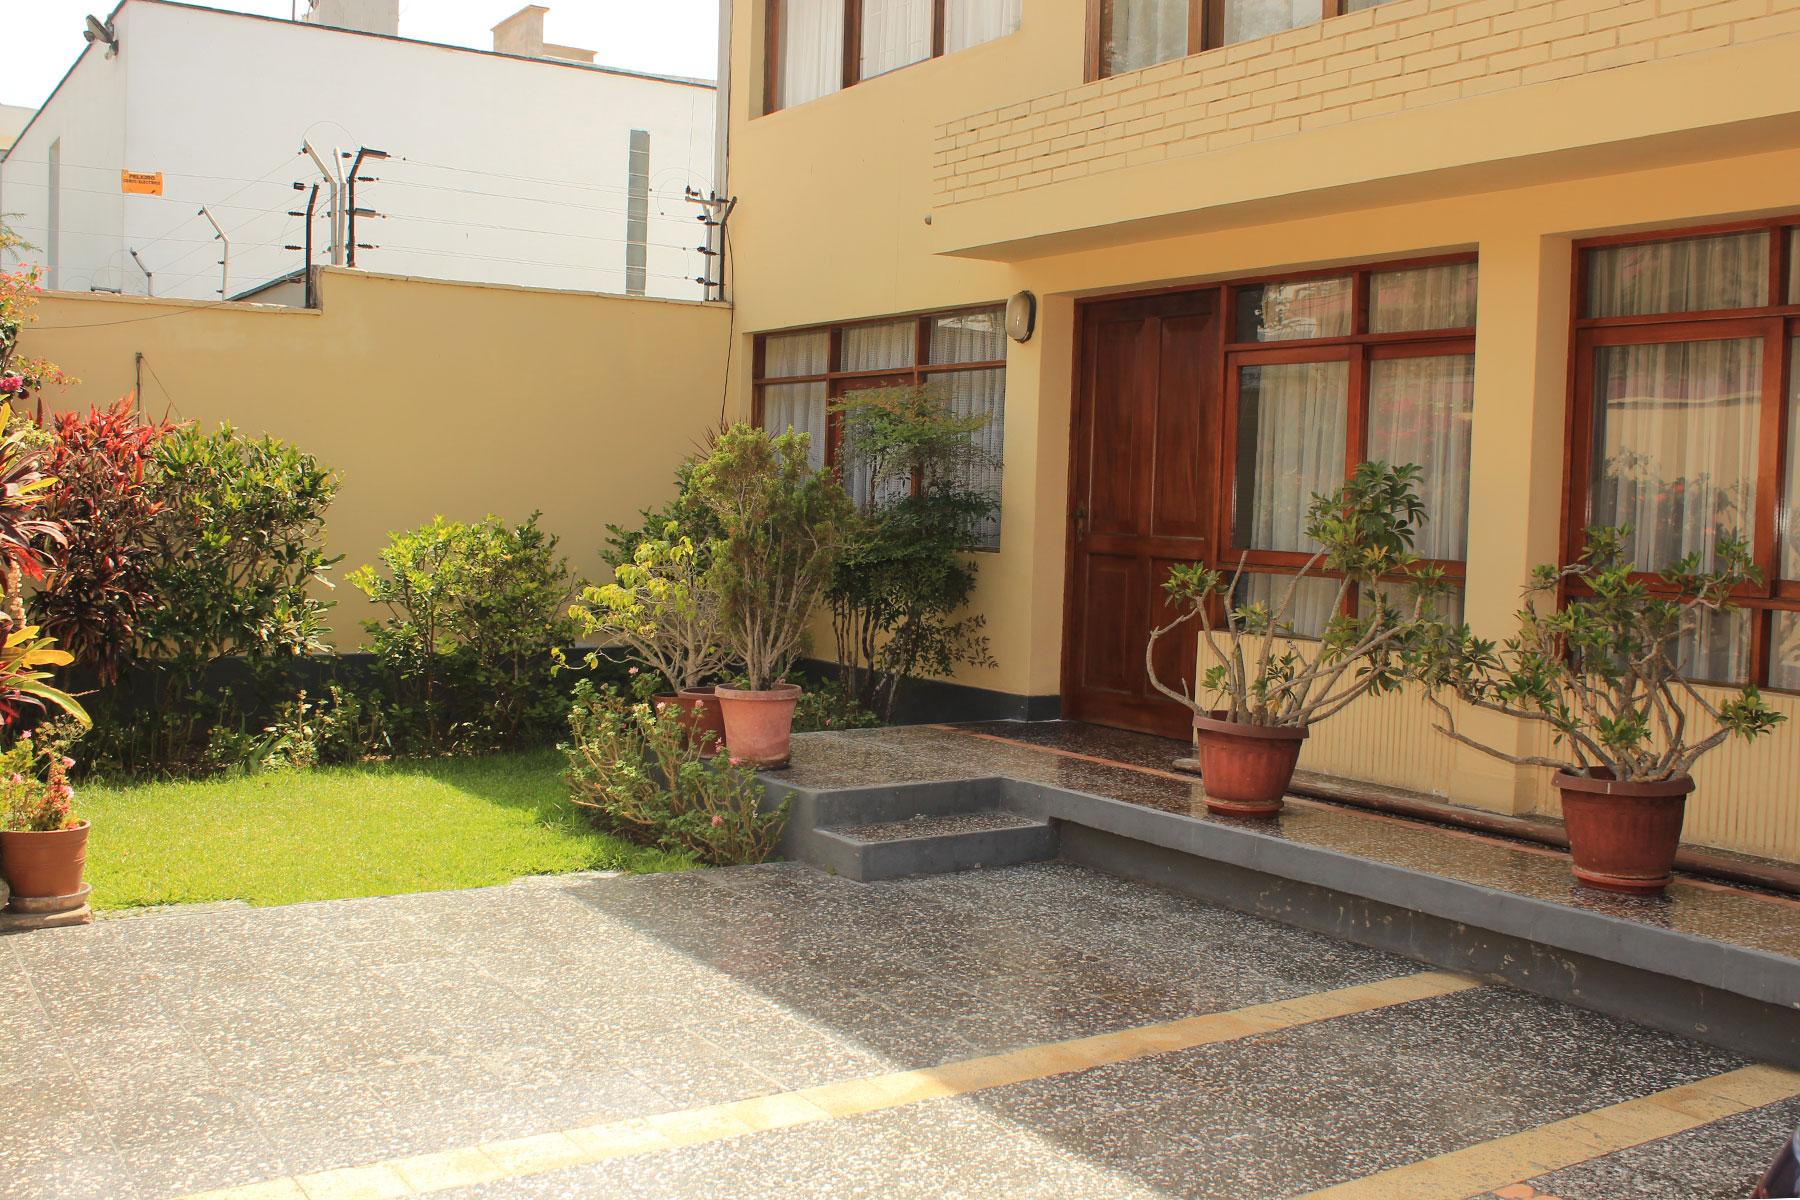 Villetta a schiera per Vendita alle ore Elegante Casa con excelente ubicación Calle Paul de Beaudiez San Isidro, Lima, 27 Peru